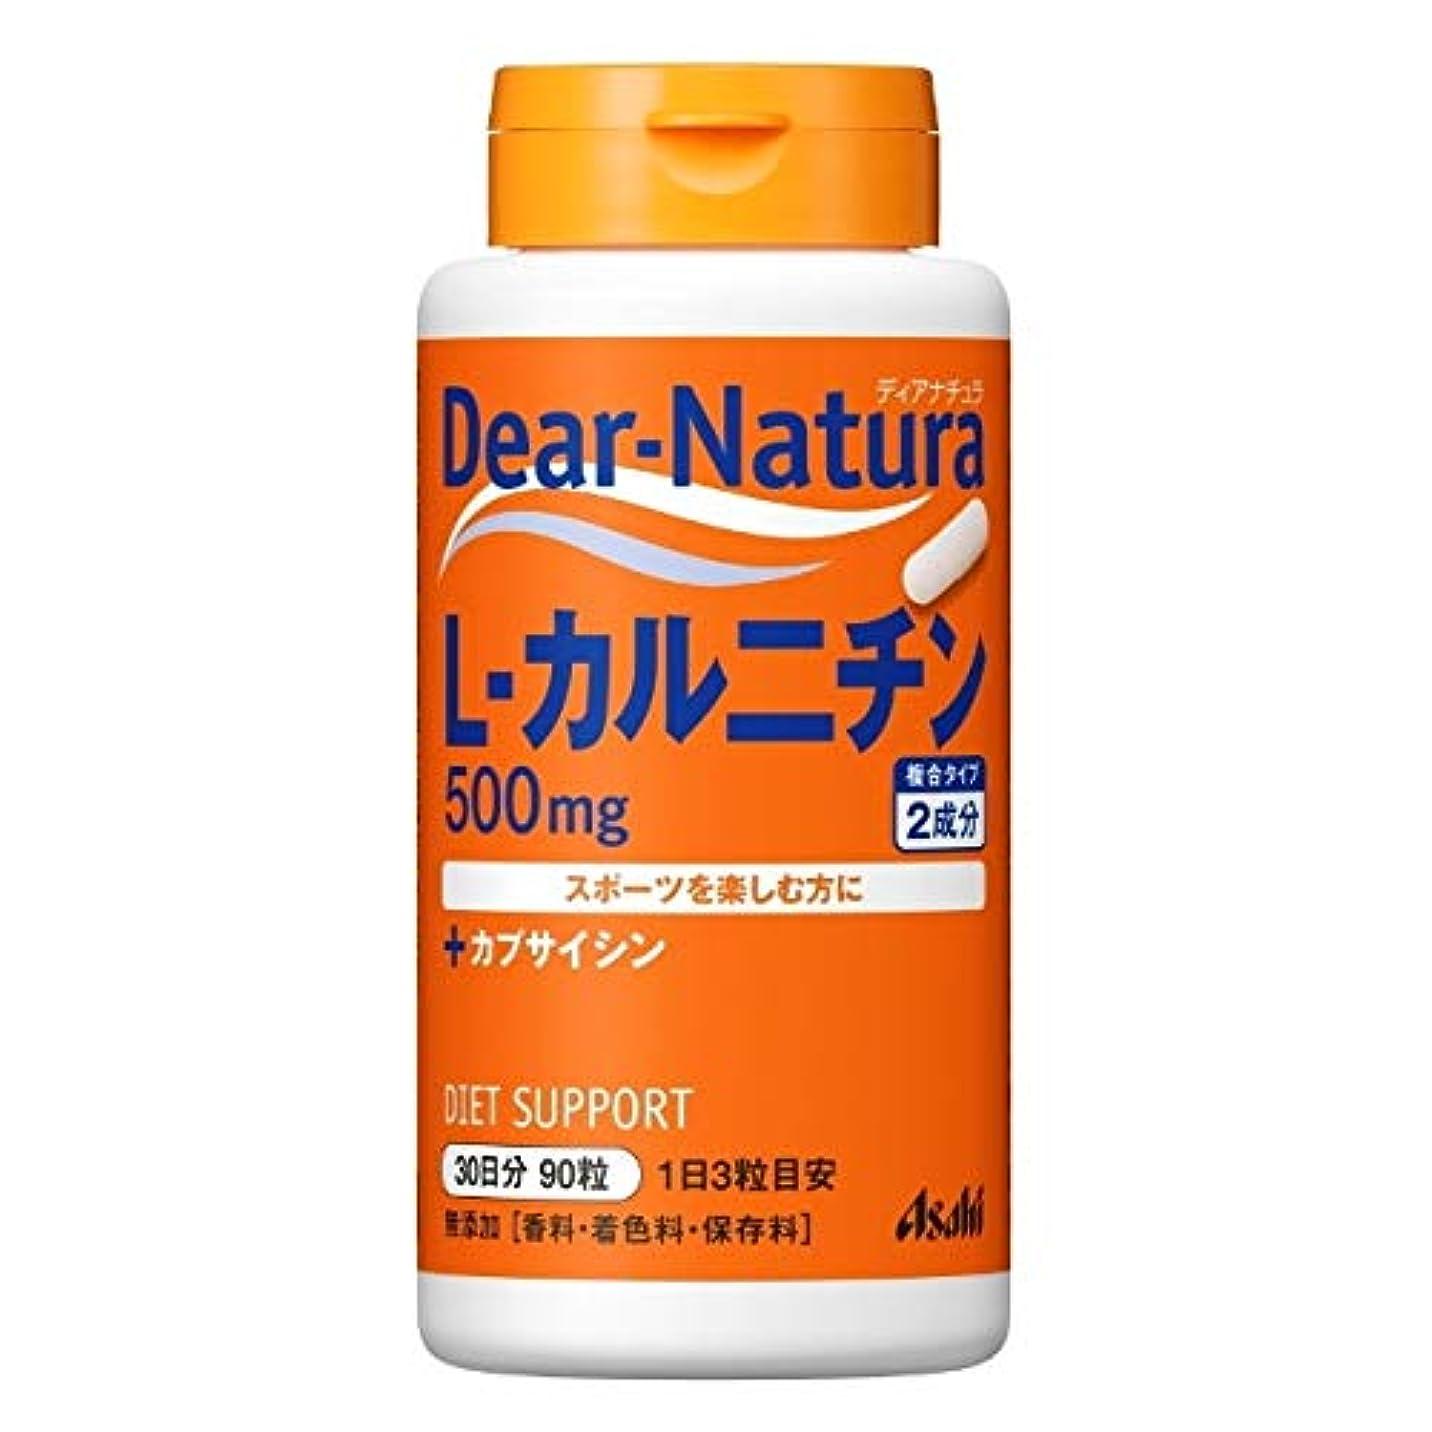 裸ブルセクタアサヒグループ食品 L-カルニチン 90粒【3個セット】